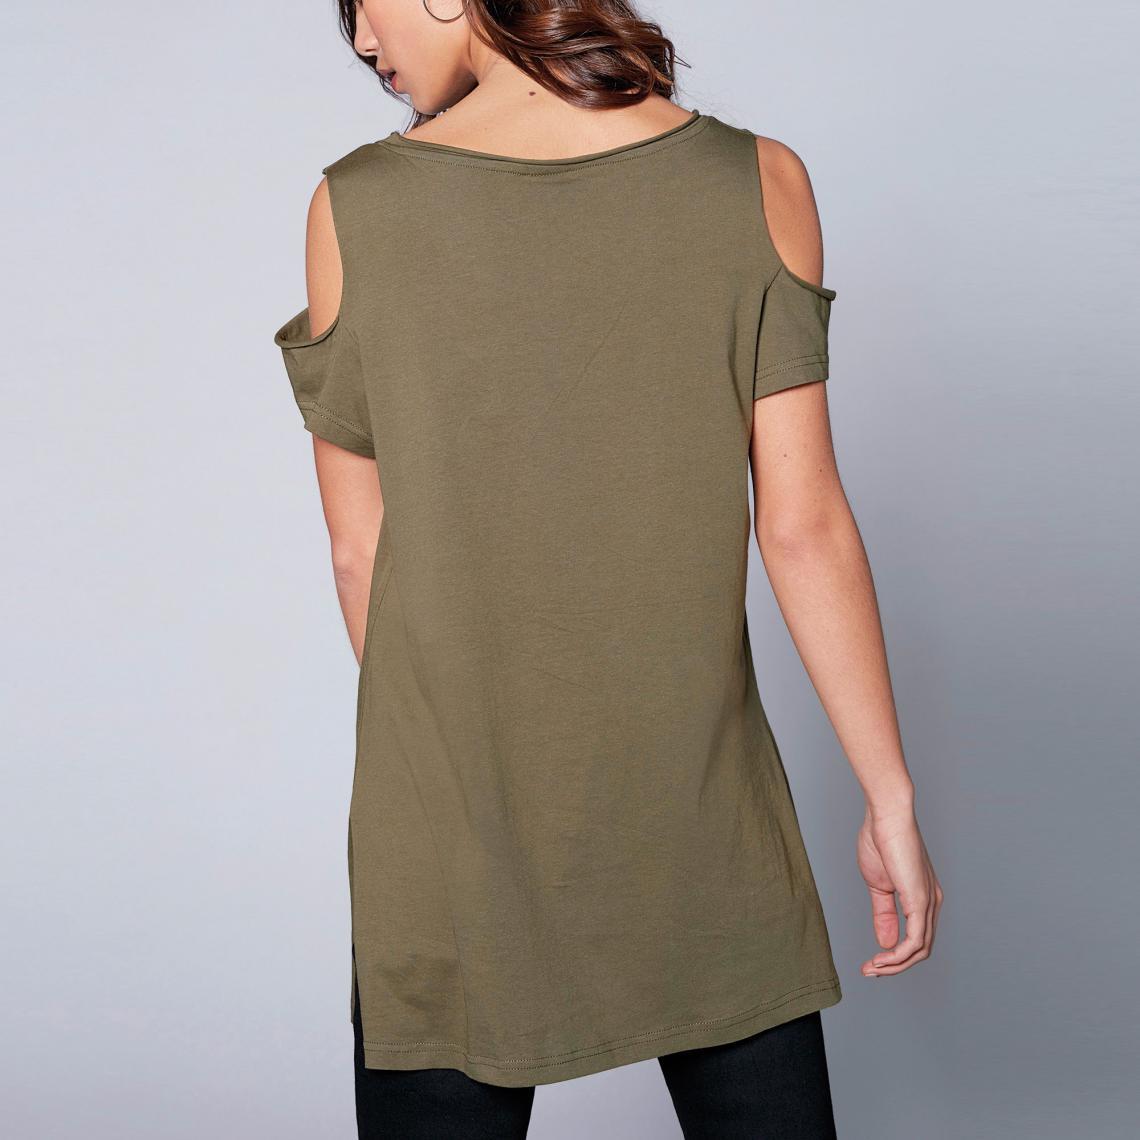 T-shirts imprimés femme 3 Suisses Cliquez l image pour l agrandir. Tee-shirt  fendu manches courtes ouverture sur épaules femme exclusivité 3Suisses -  Kaki ... f77aa58f590a